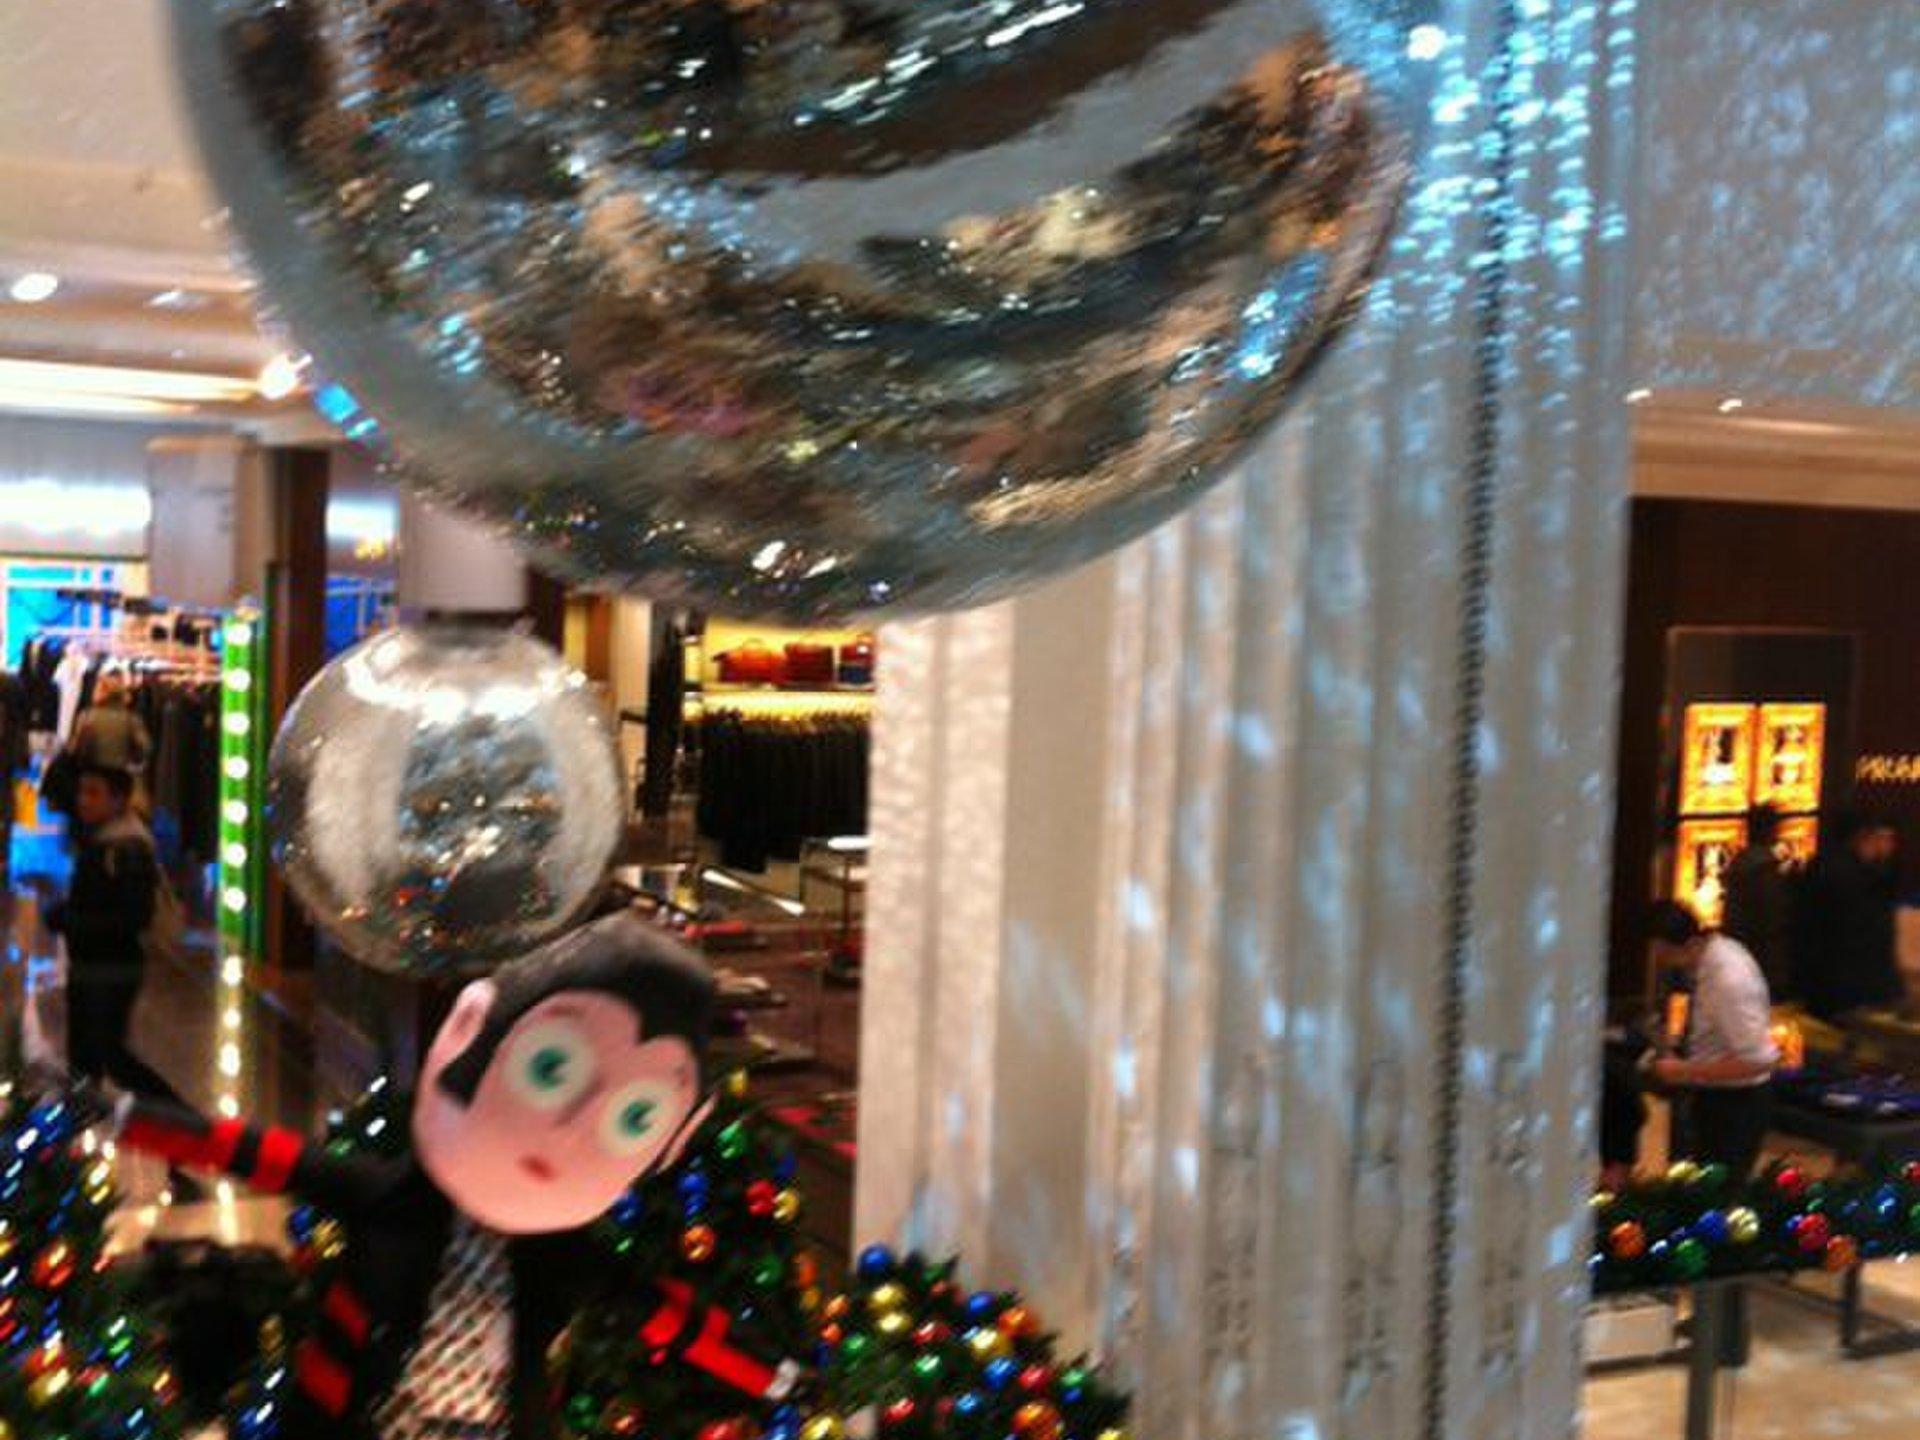 【イギリス元在住者おすすめ!】厳選ロンドンクリスマスイルミネーションおすすめスポット!